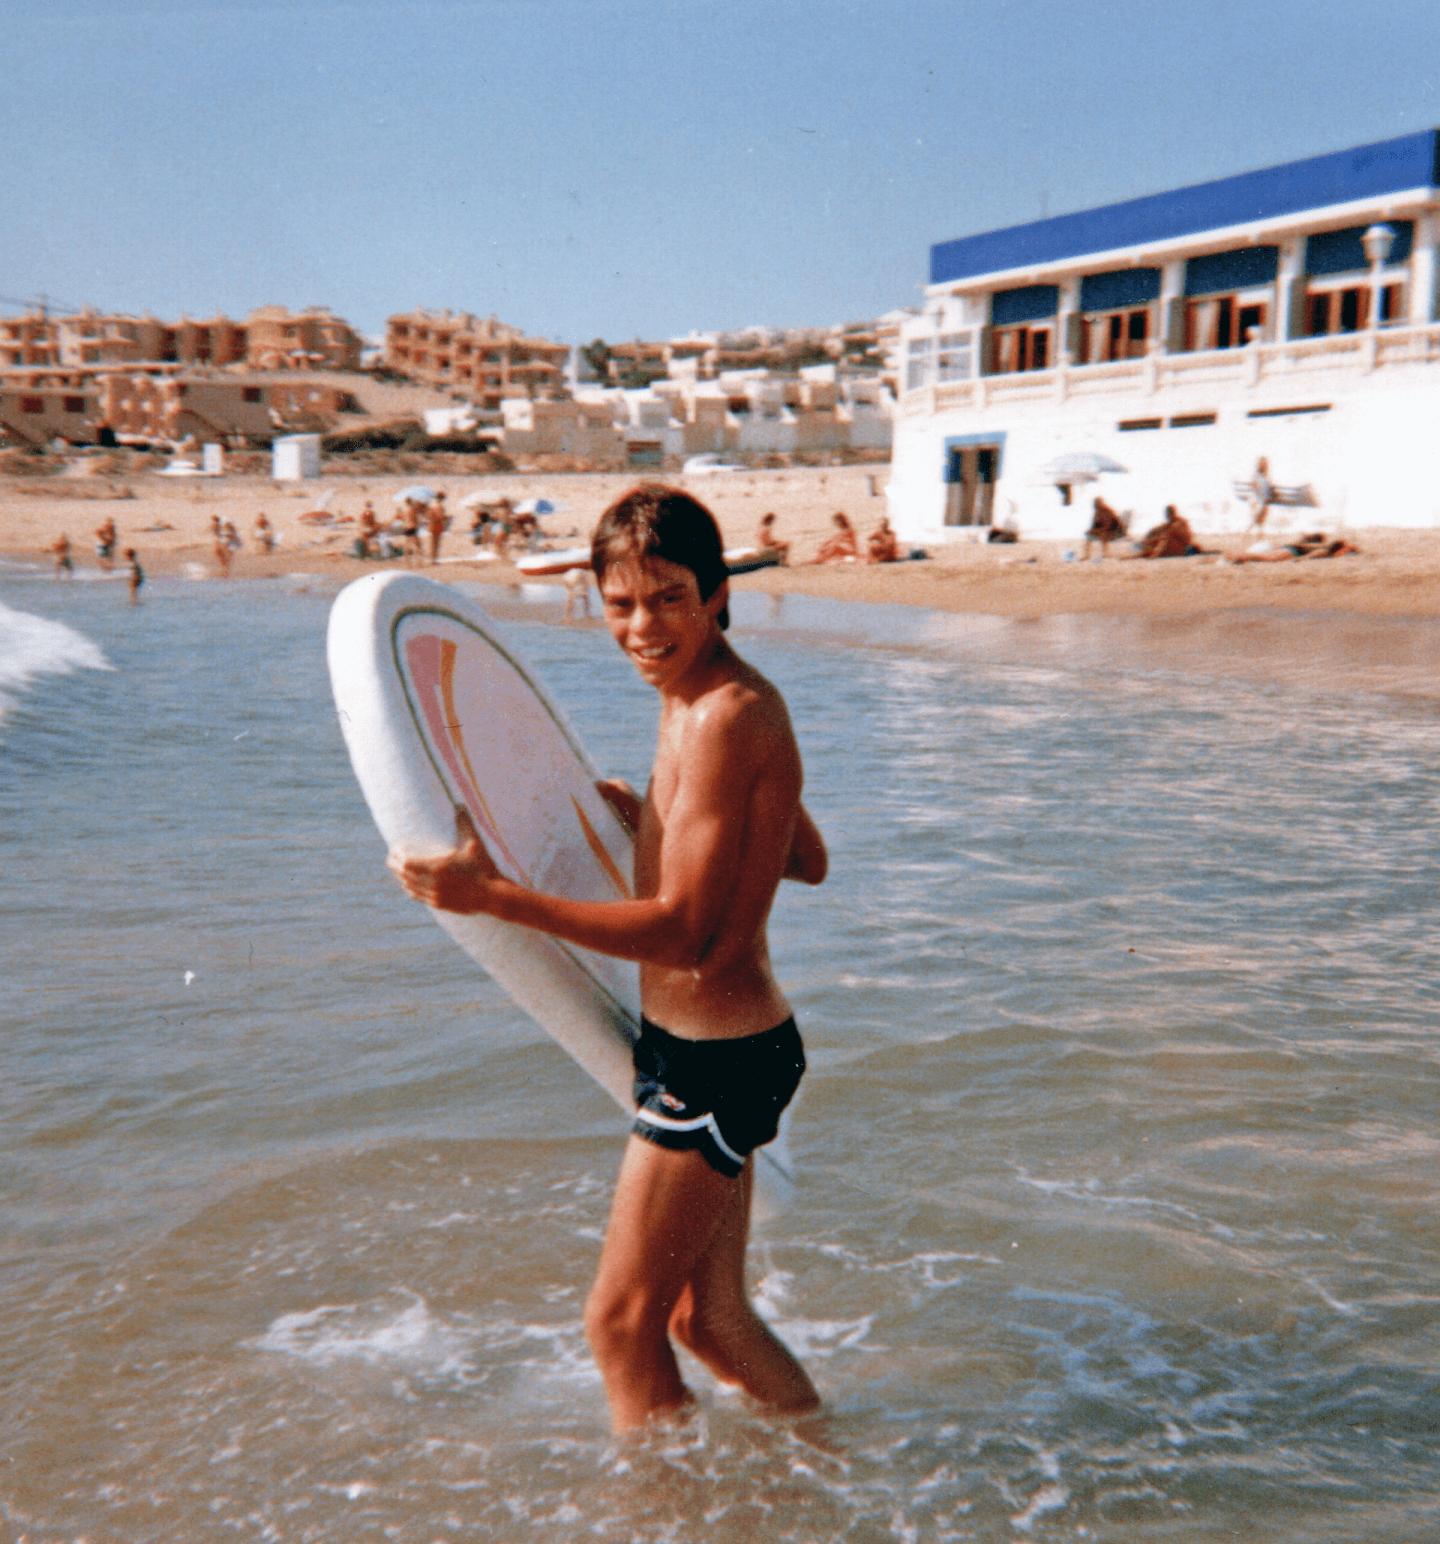 Spain, bodyboarding, family holiday